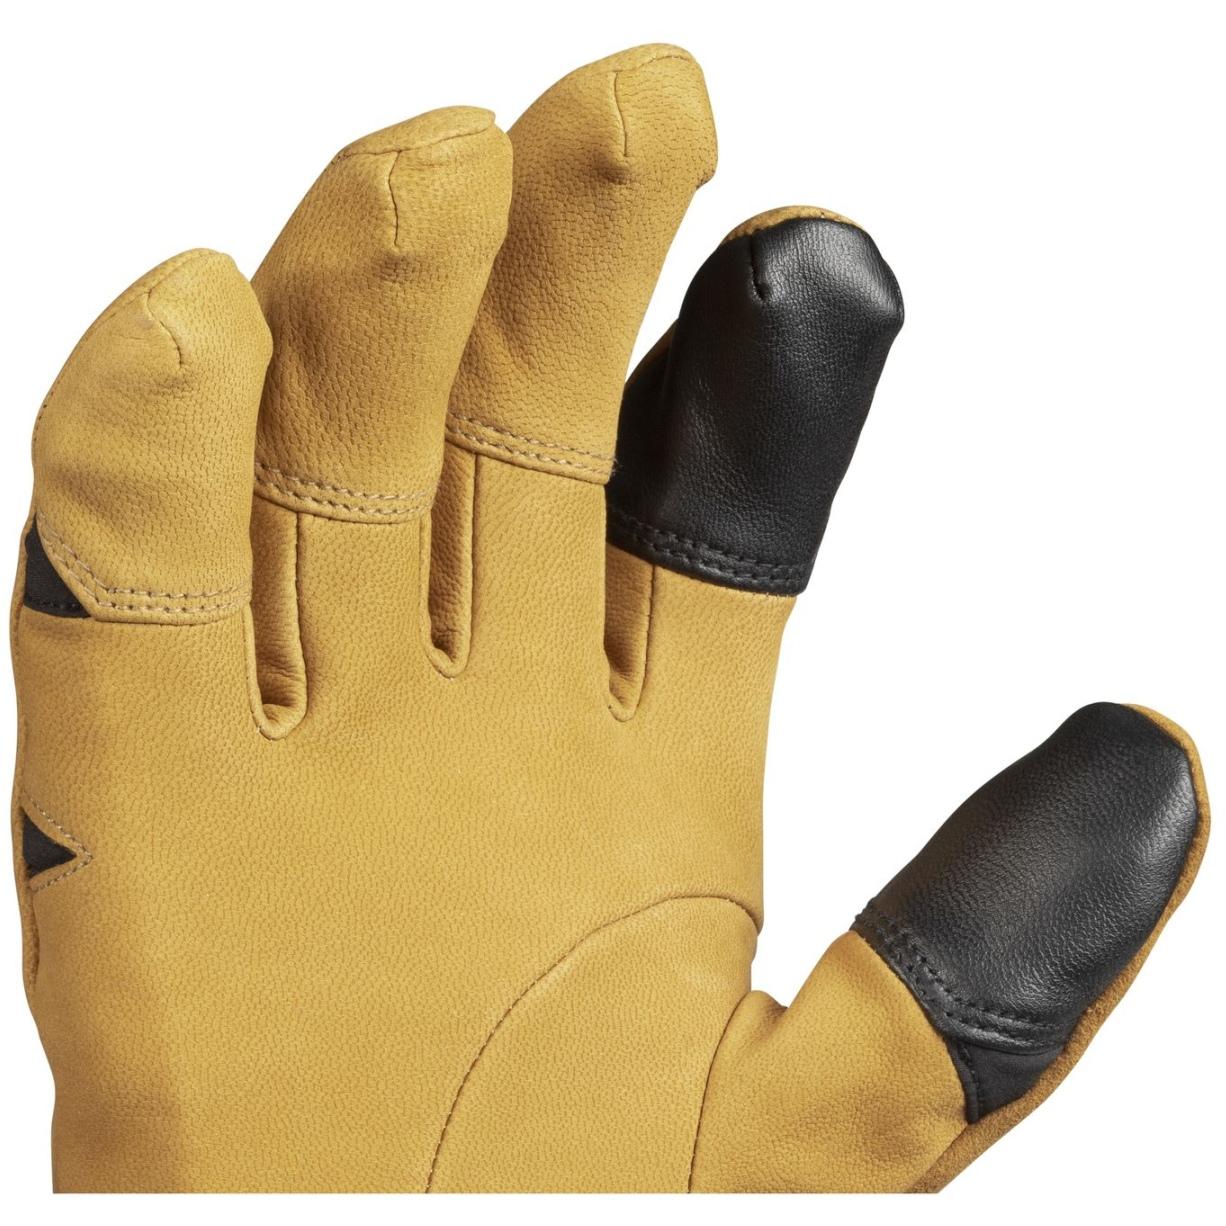 Imagen de 45NRTH Sturmfist 5 Finger Guantes de Cuero - tan